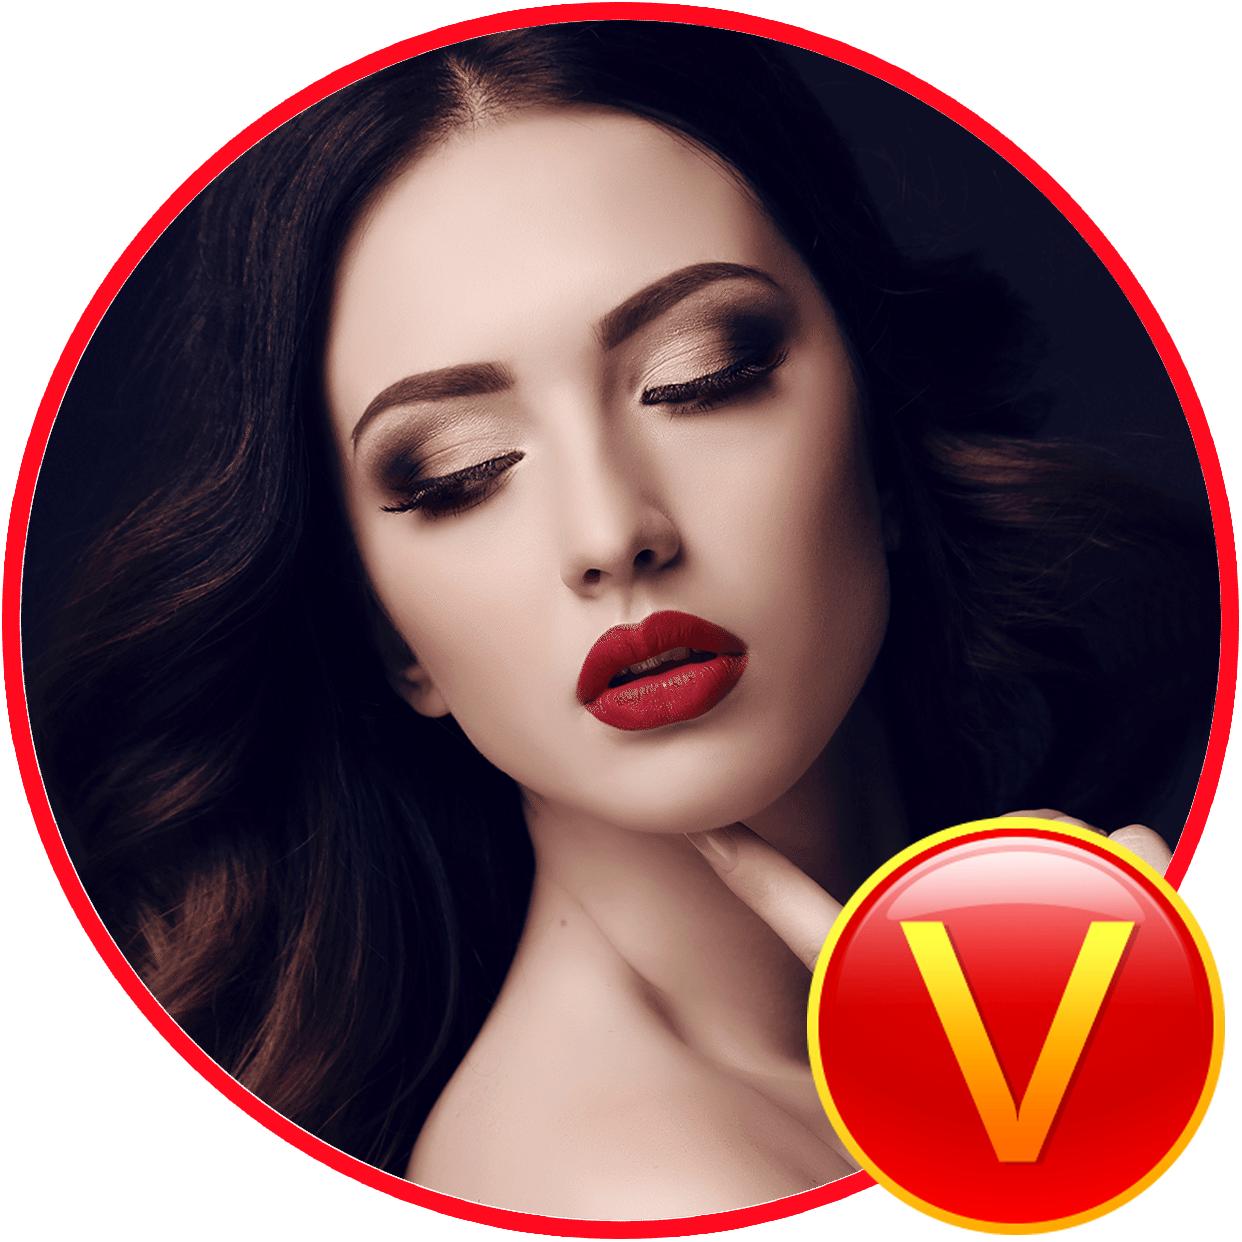 头像加V模板-红V